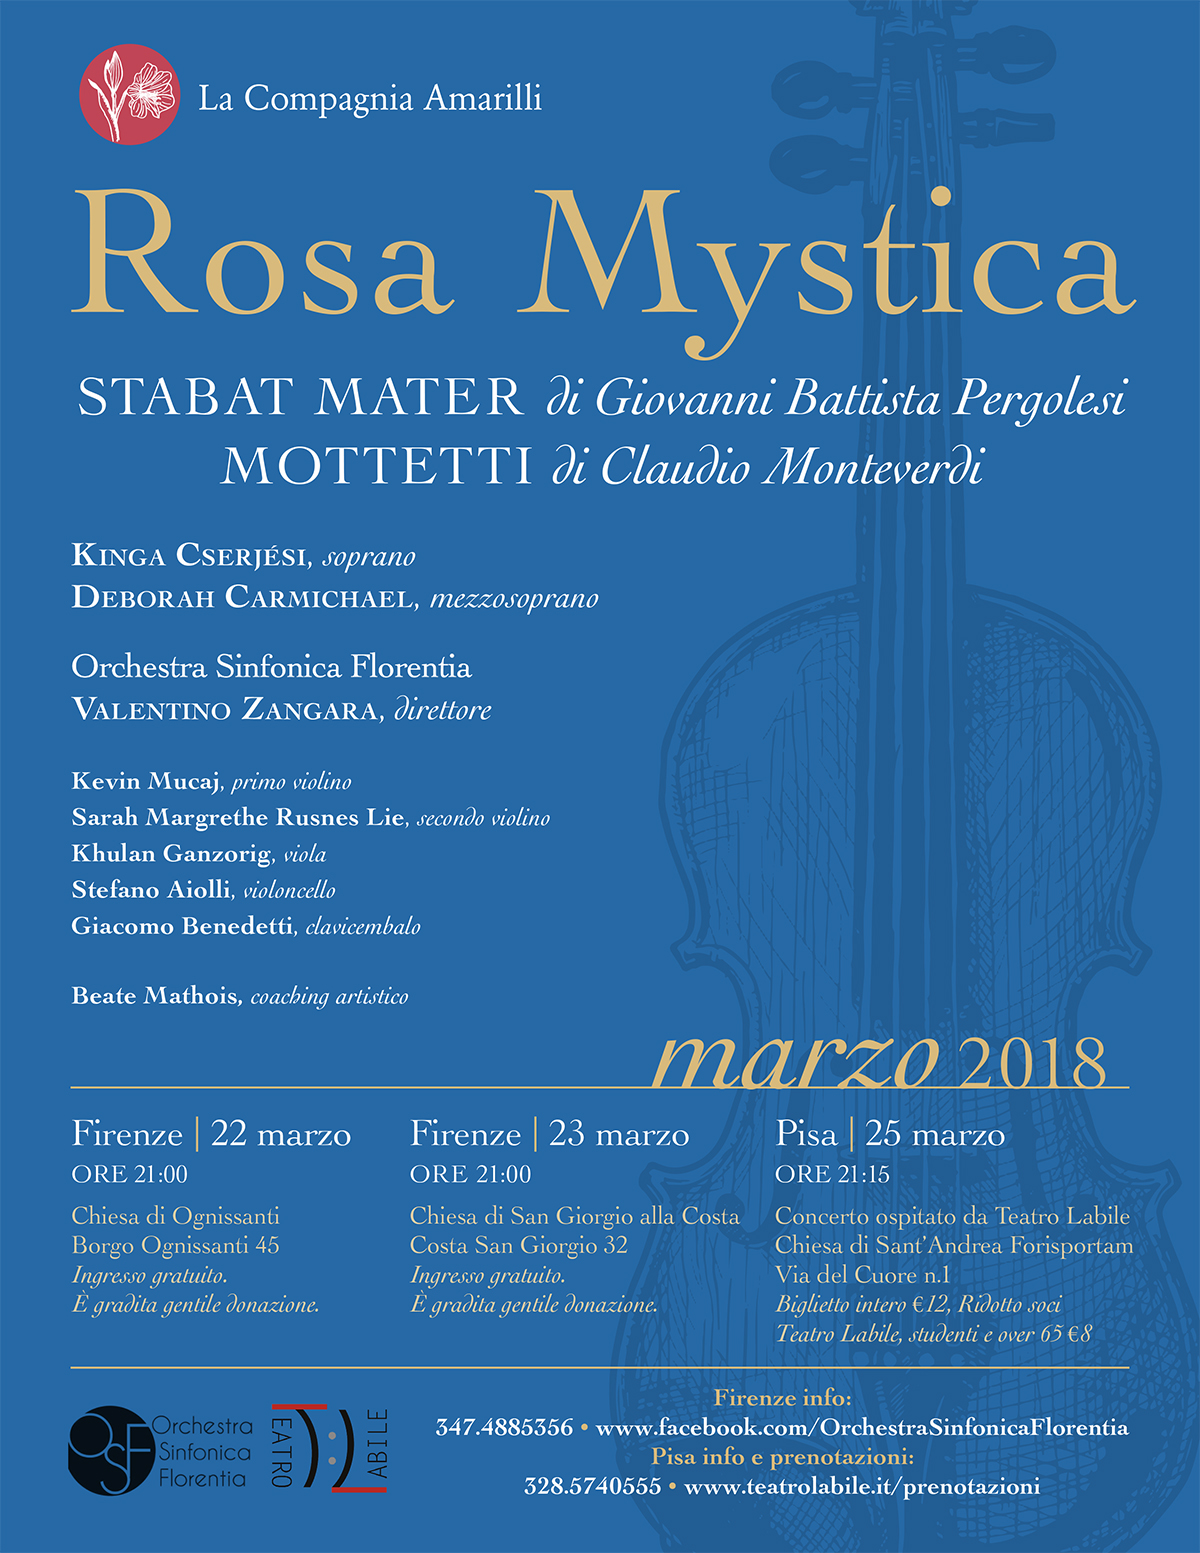 LIB101.18-RosaMystica-ver4b-cover